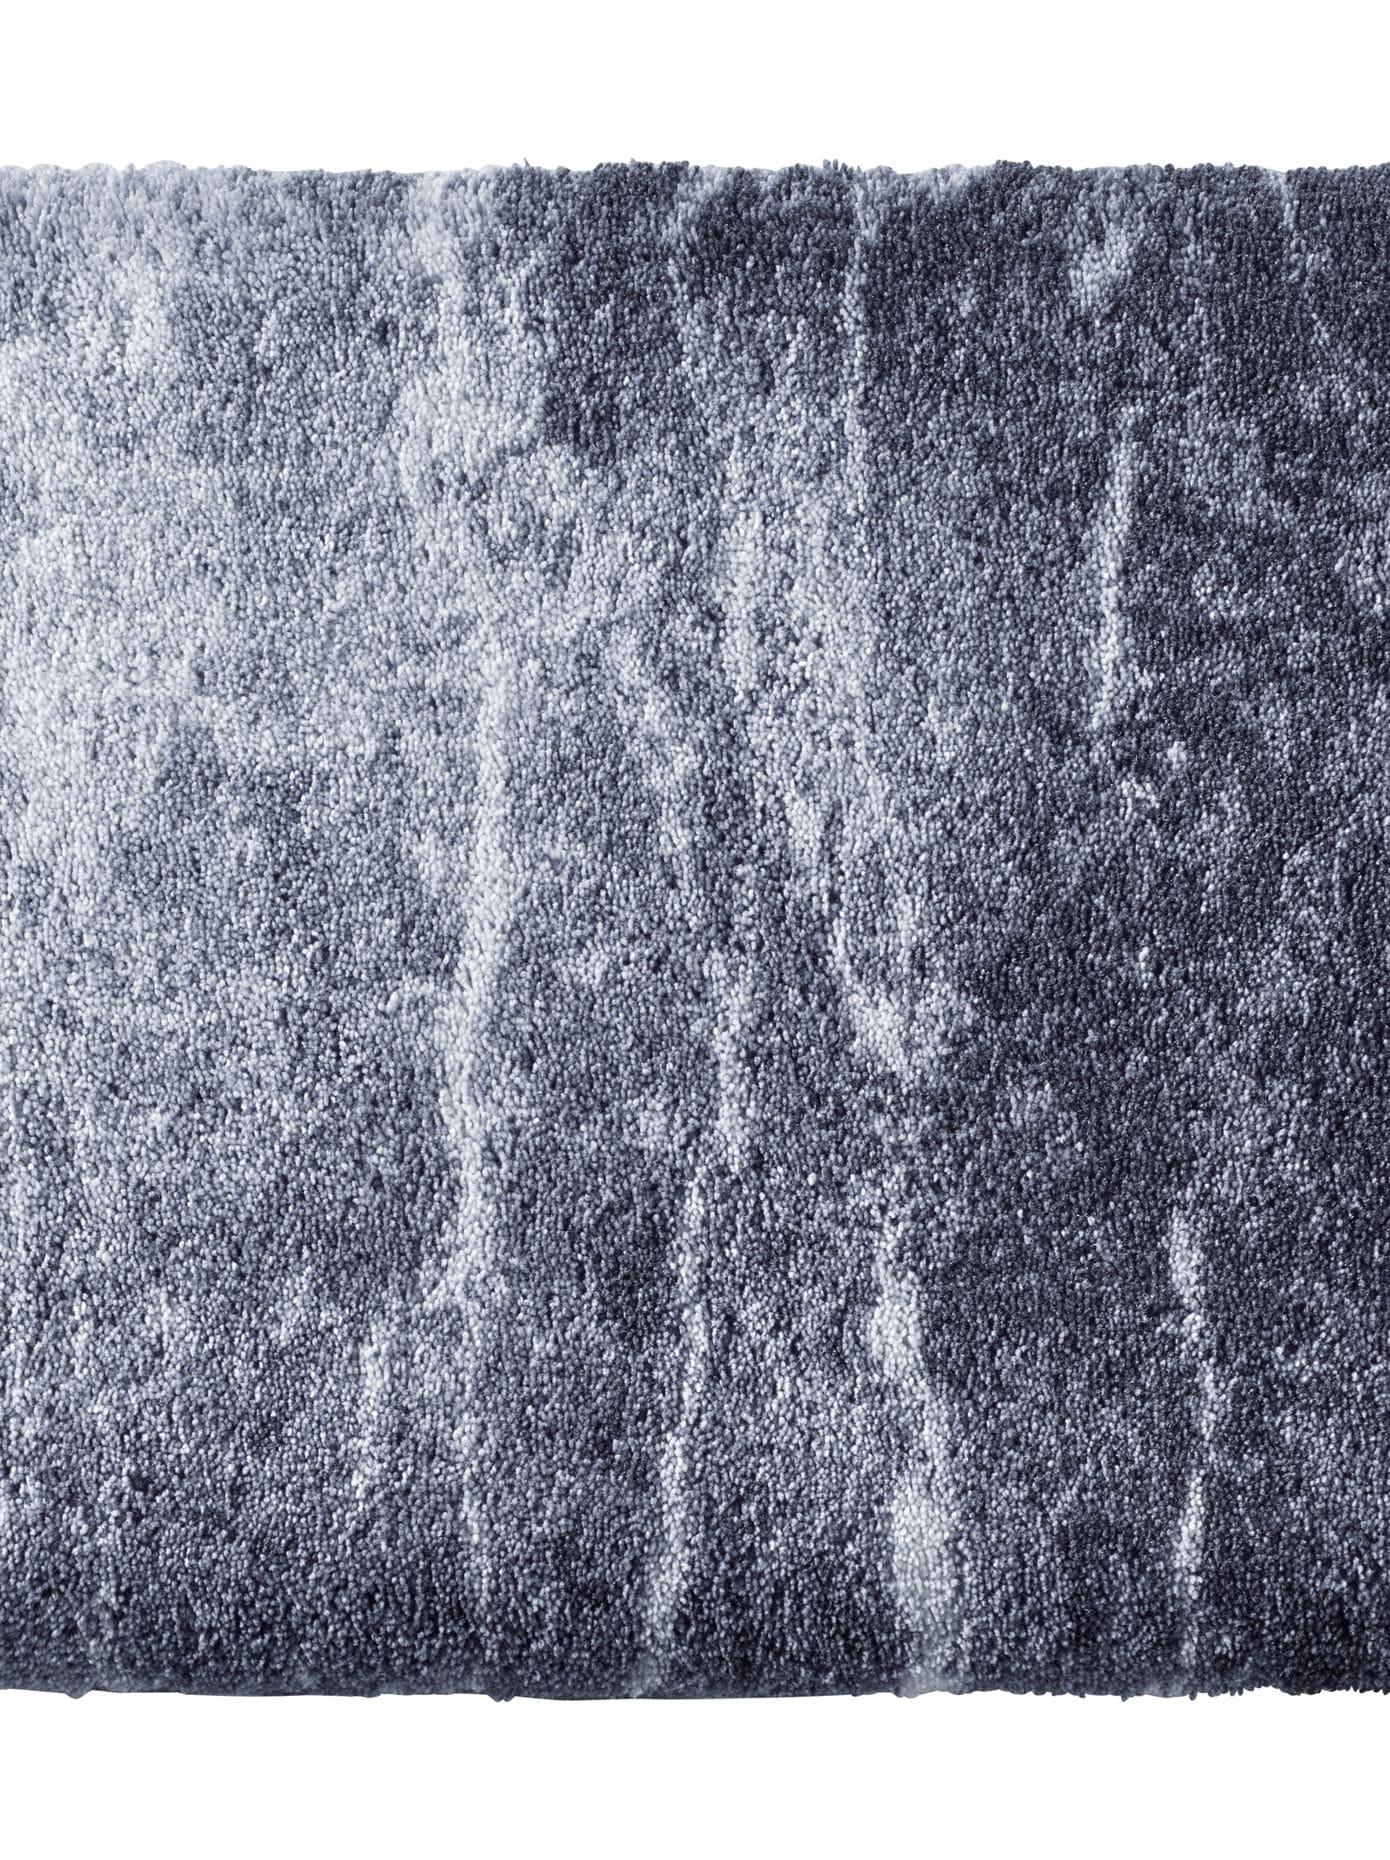 Grund Badematte, Höhe 18 mm grau Badematten Badematte